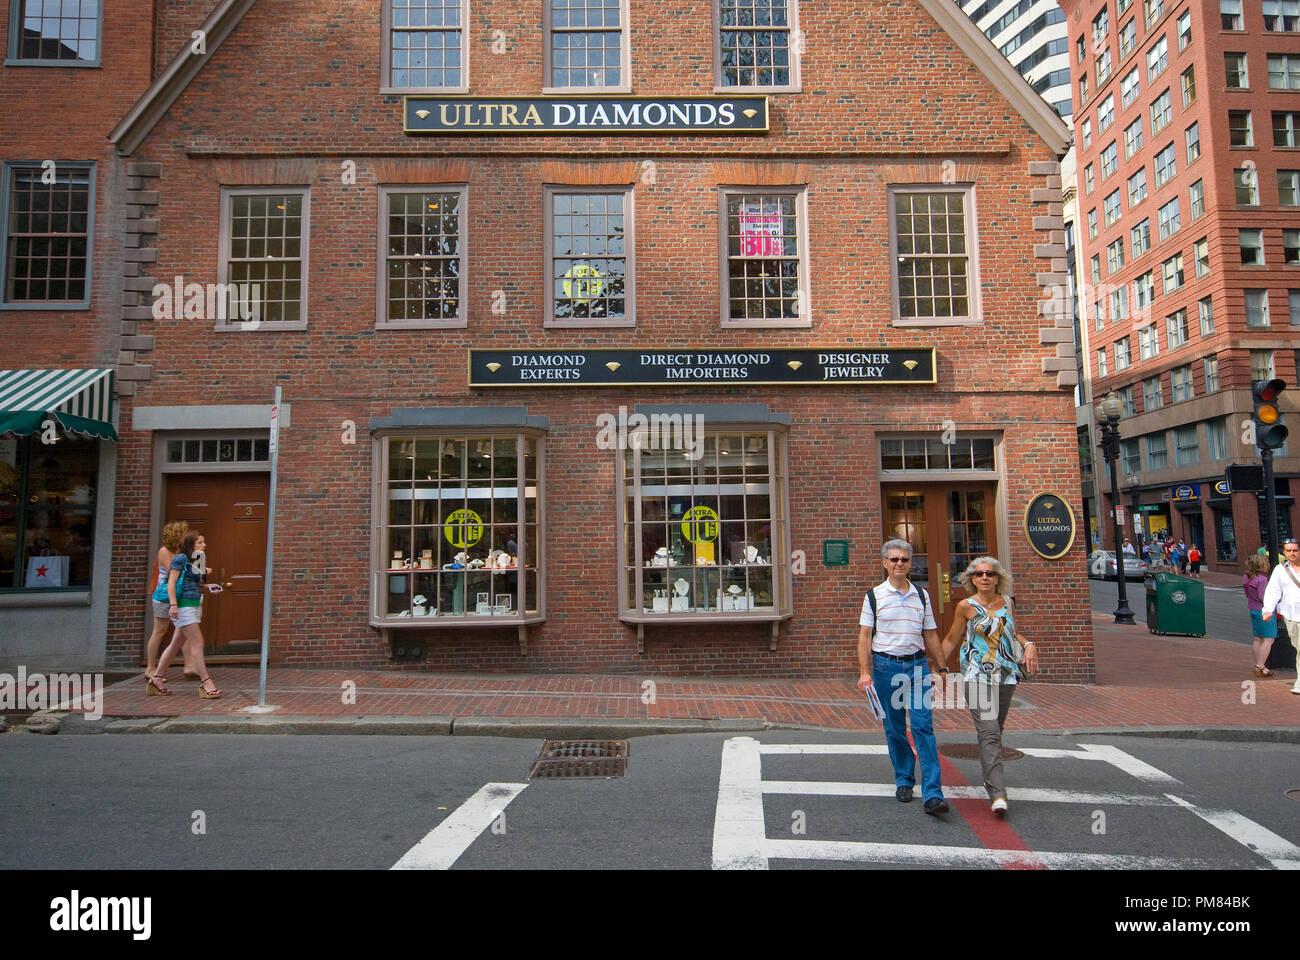 Ultra Diamonds Shop presso Old Corner Bookstore, Boston, contea di Suffolk, Massachusetts, STATI UNITI D'AMERICA Immagini Stock